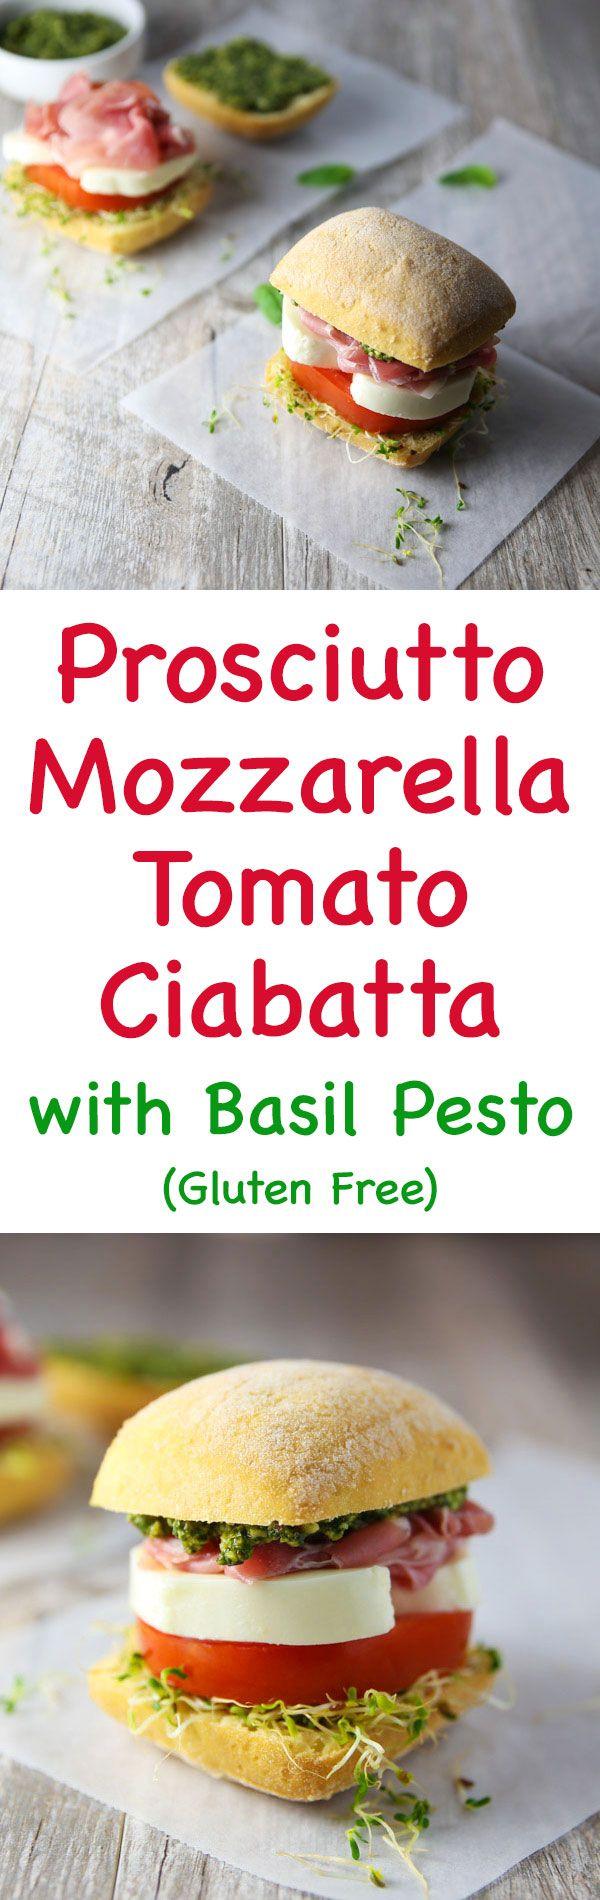 These Prosciutto Mozzarella Tomato Ciabatta with Basil Pesto Rolls are so flavorful! (Gluten Free)